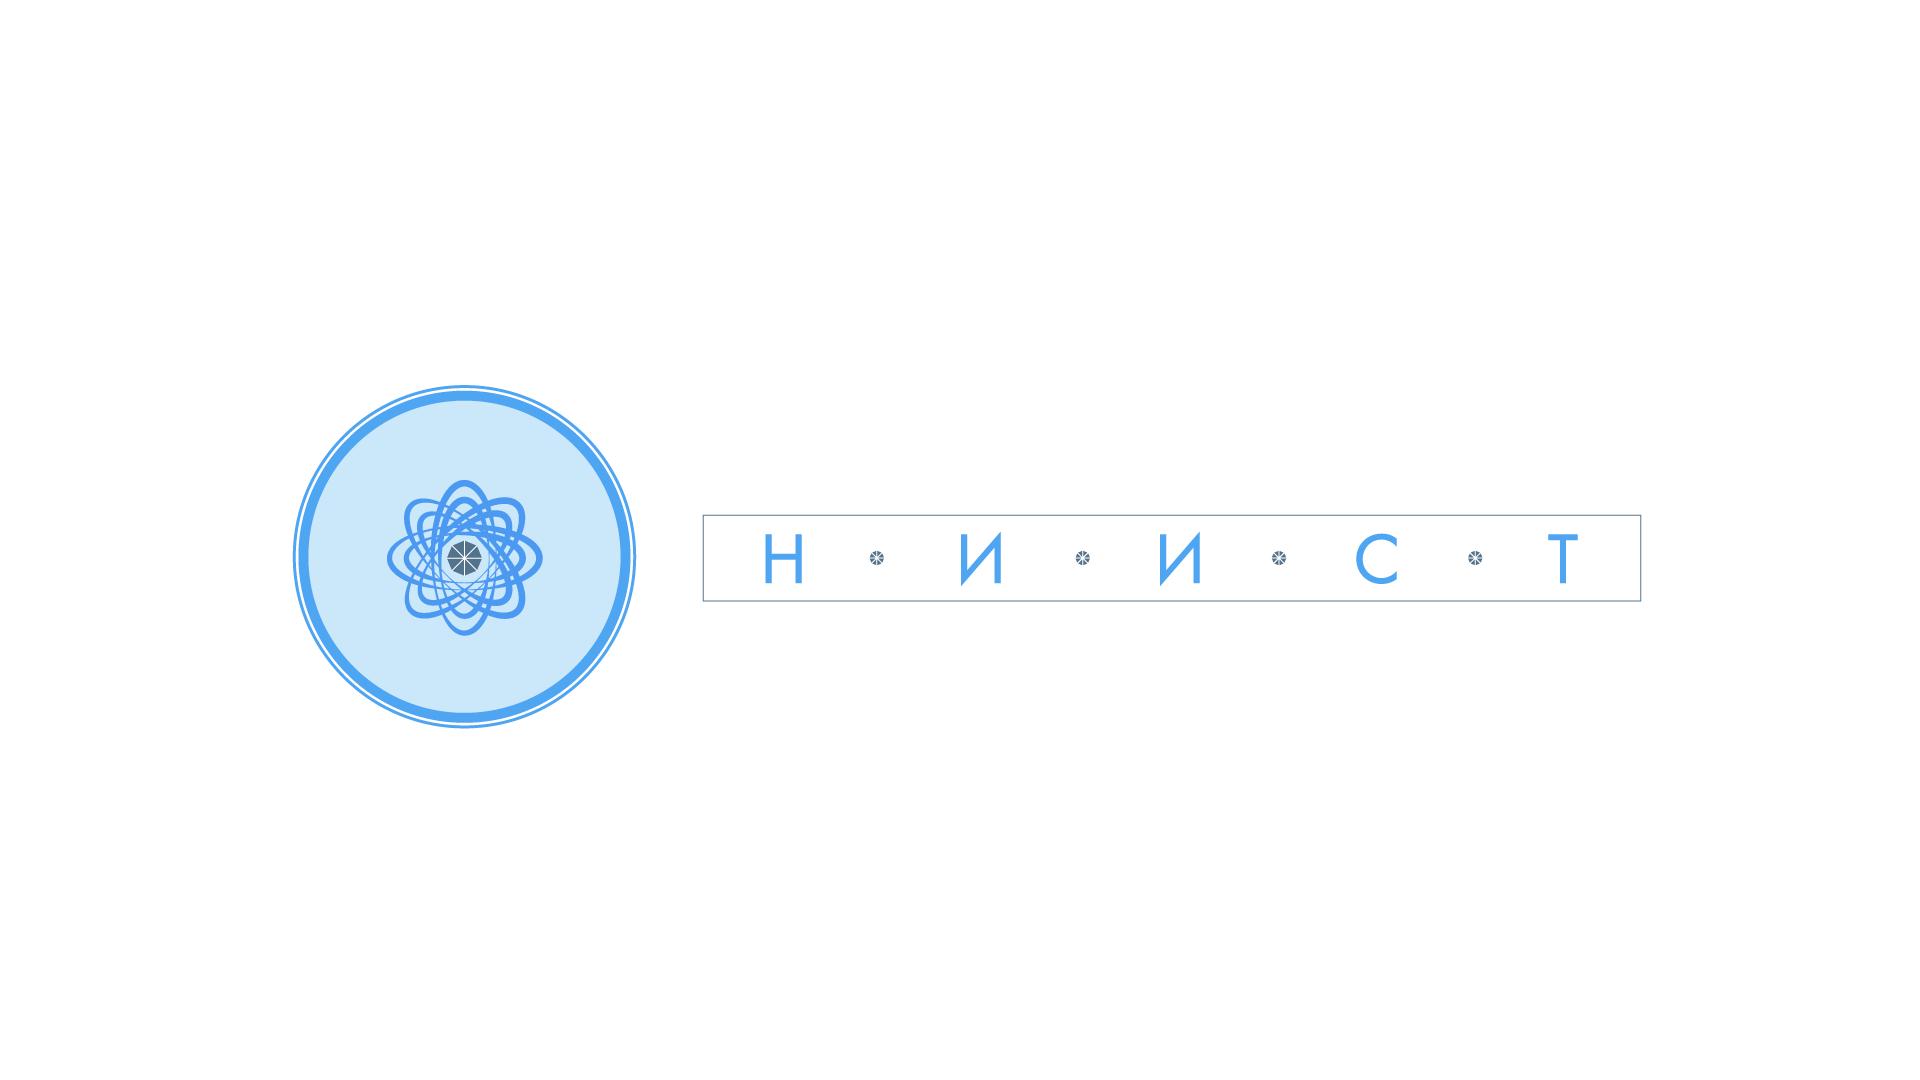 Разработка логотипа фото f_3525b9d7643e95d6.png